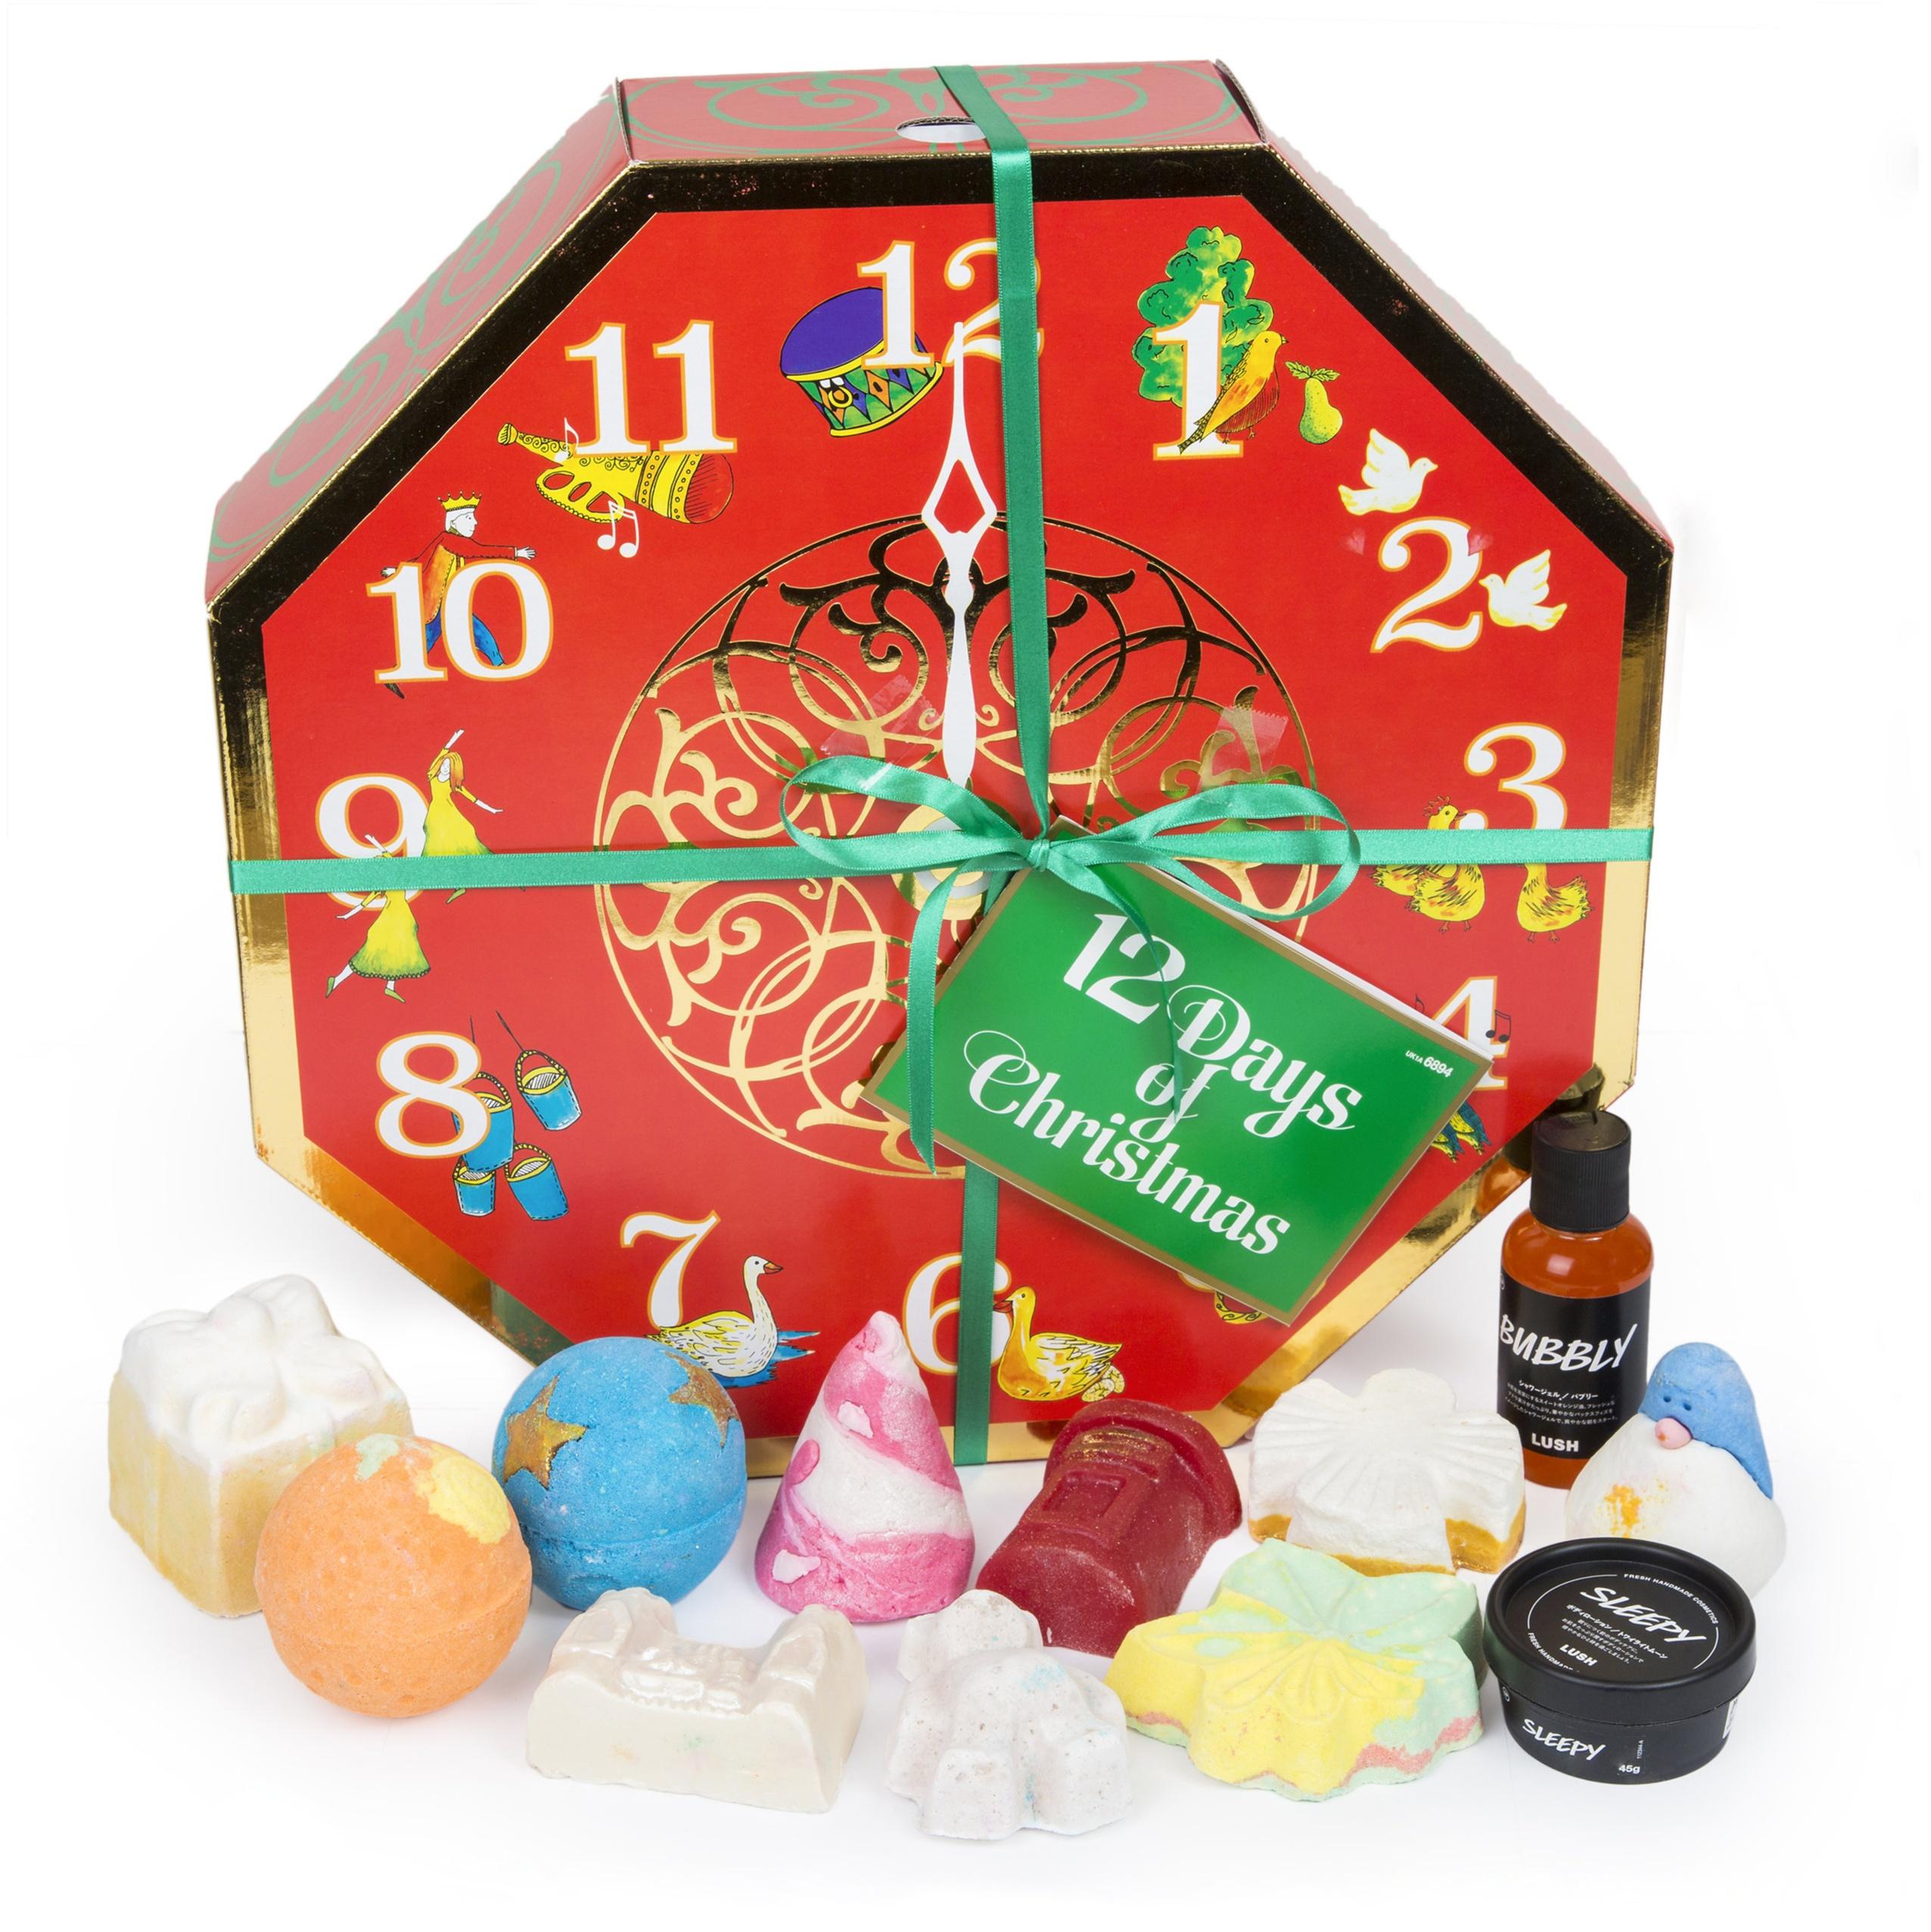 LUSHのクリスマス限定ギフトを合計10名様に♡クリスマスシーズンを満喫しちゃお♪__1